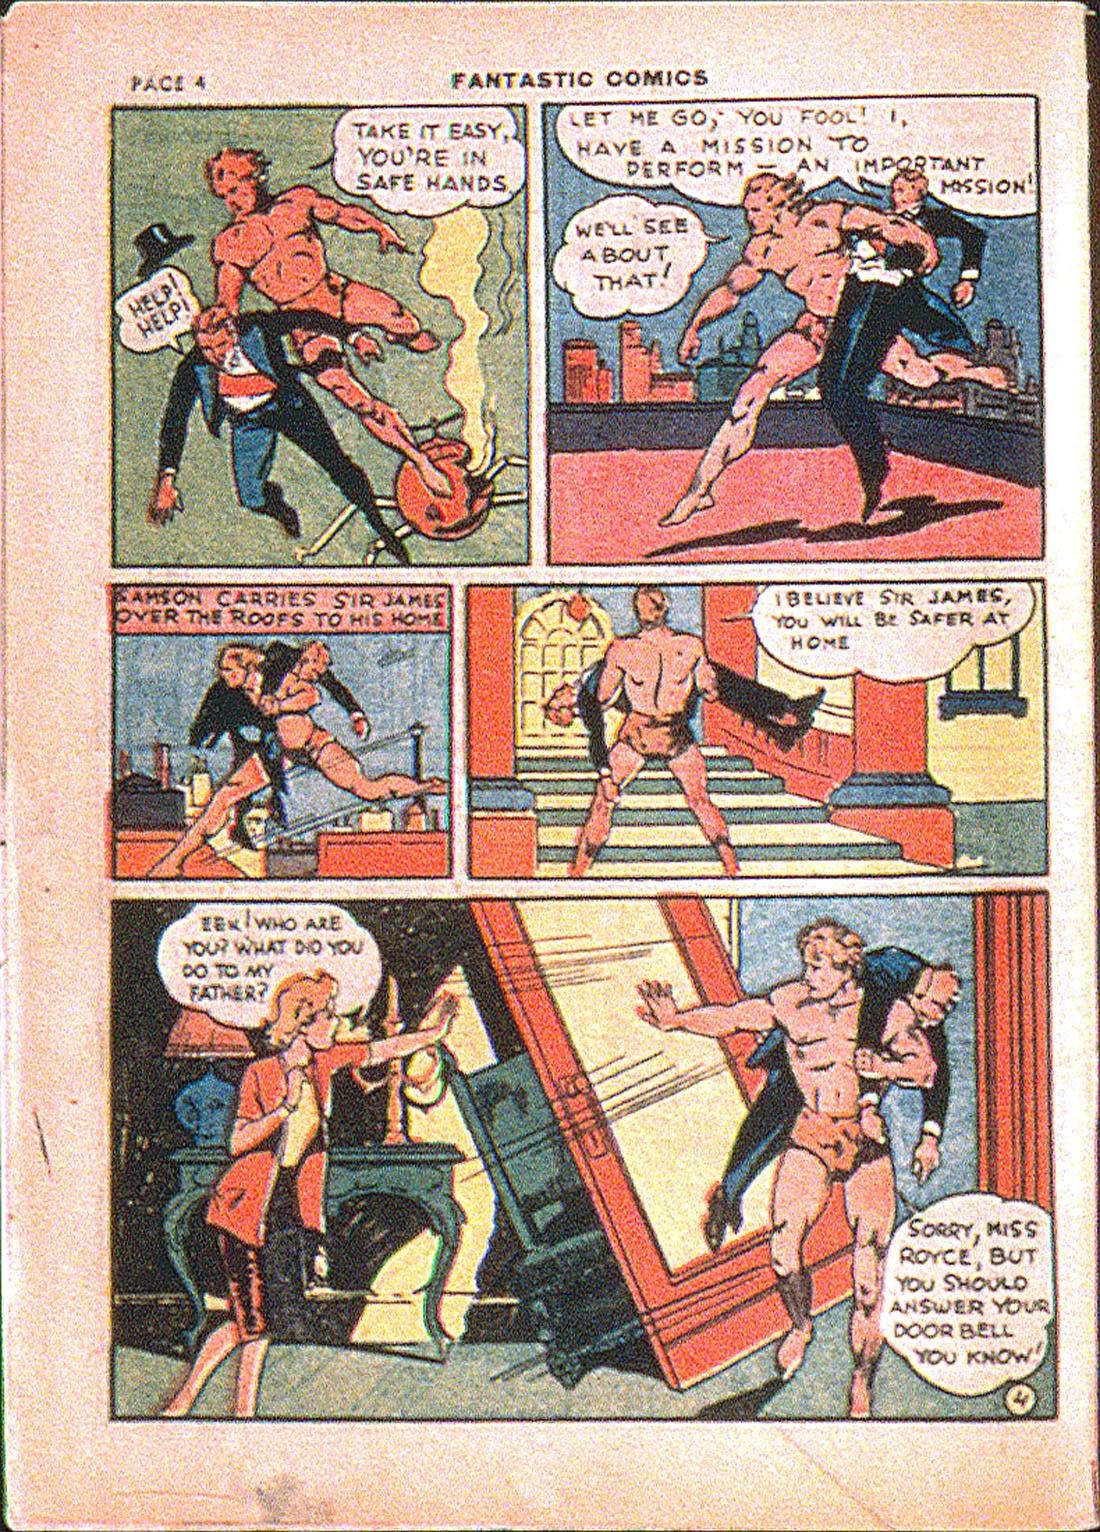 Read online Fantastic Comics comic -  Issue #7 - 6